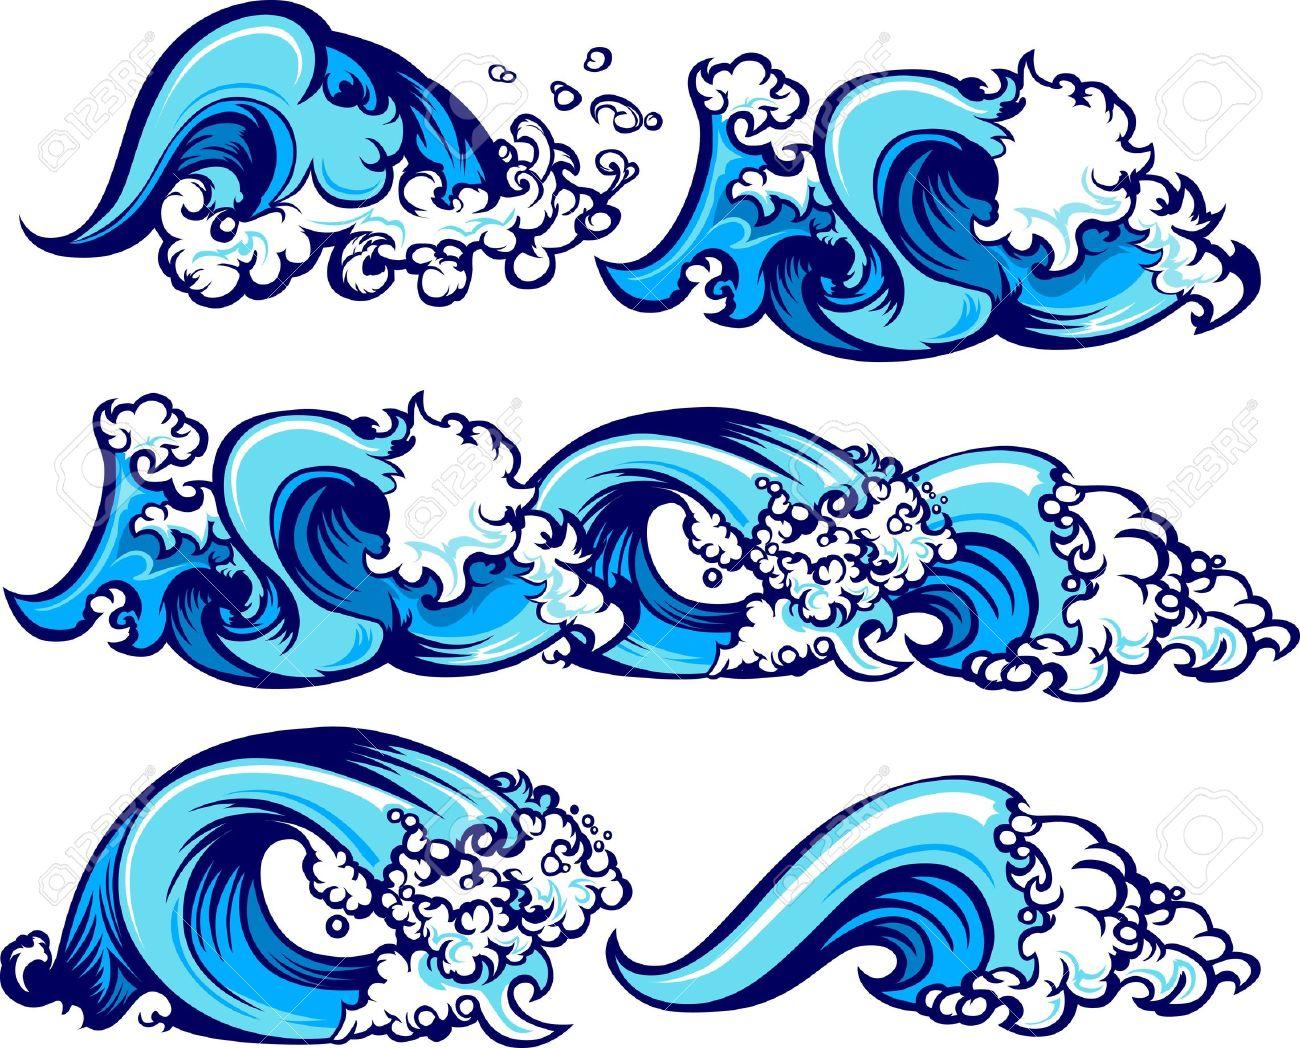 Vagues D'images Graphiques De L'eau Clip Art Libres De Droits.